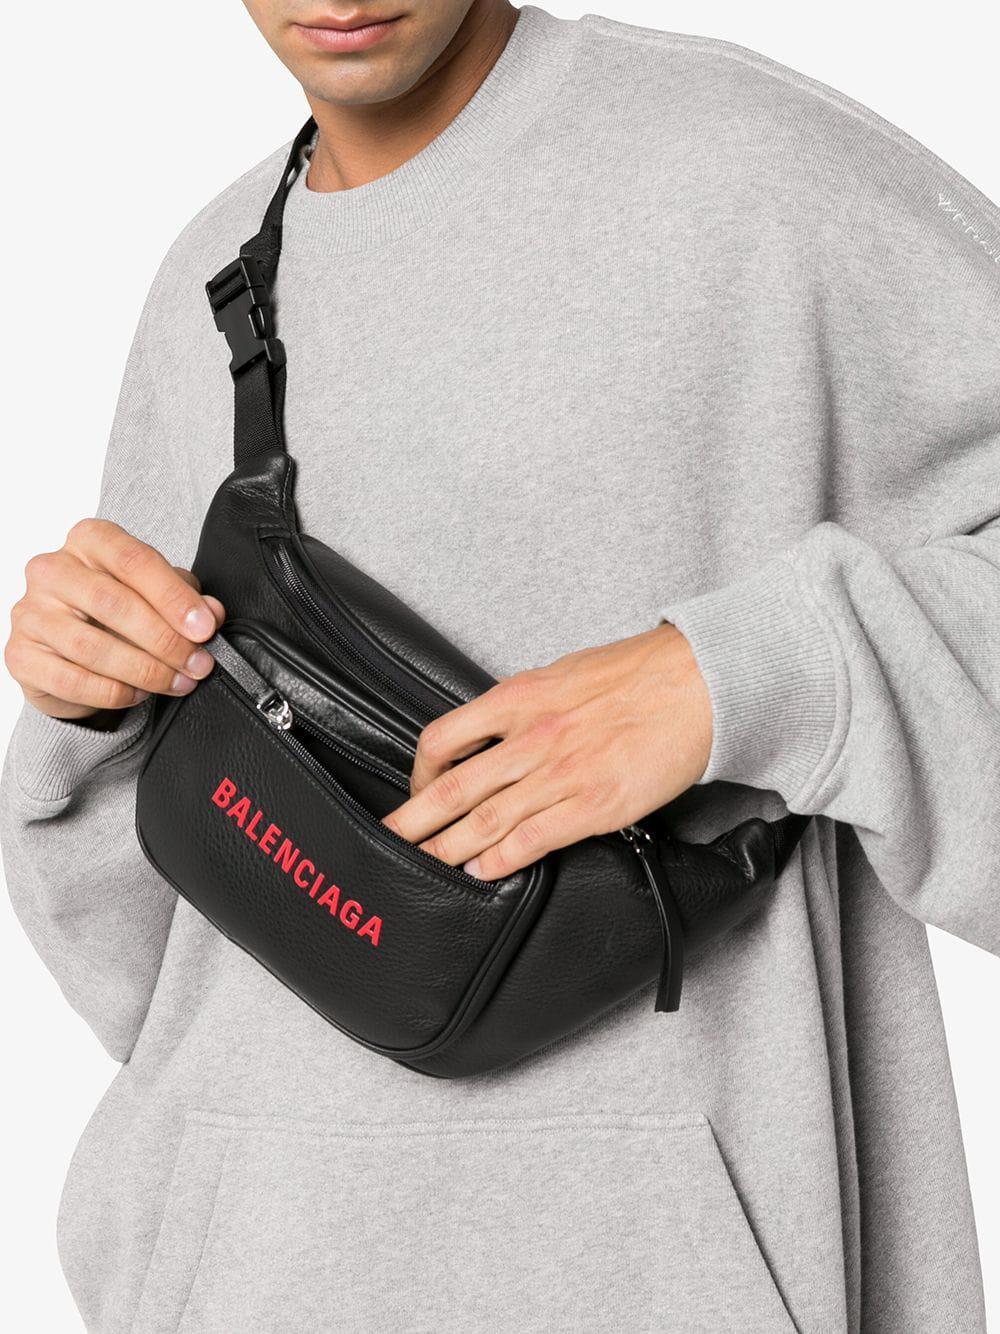 buy \u003e balenciaga crossbody bag men, Up